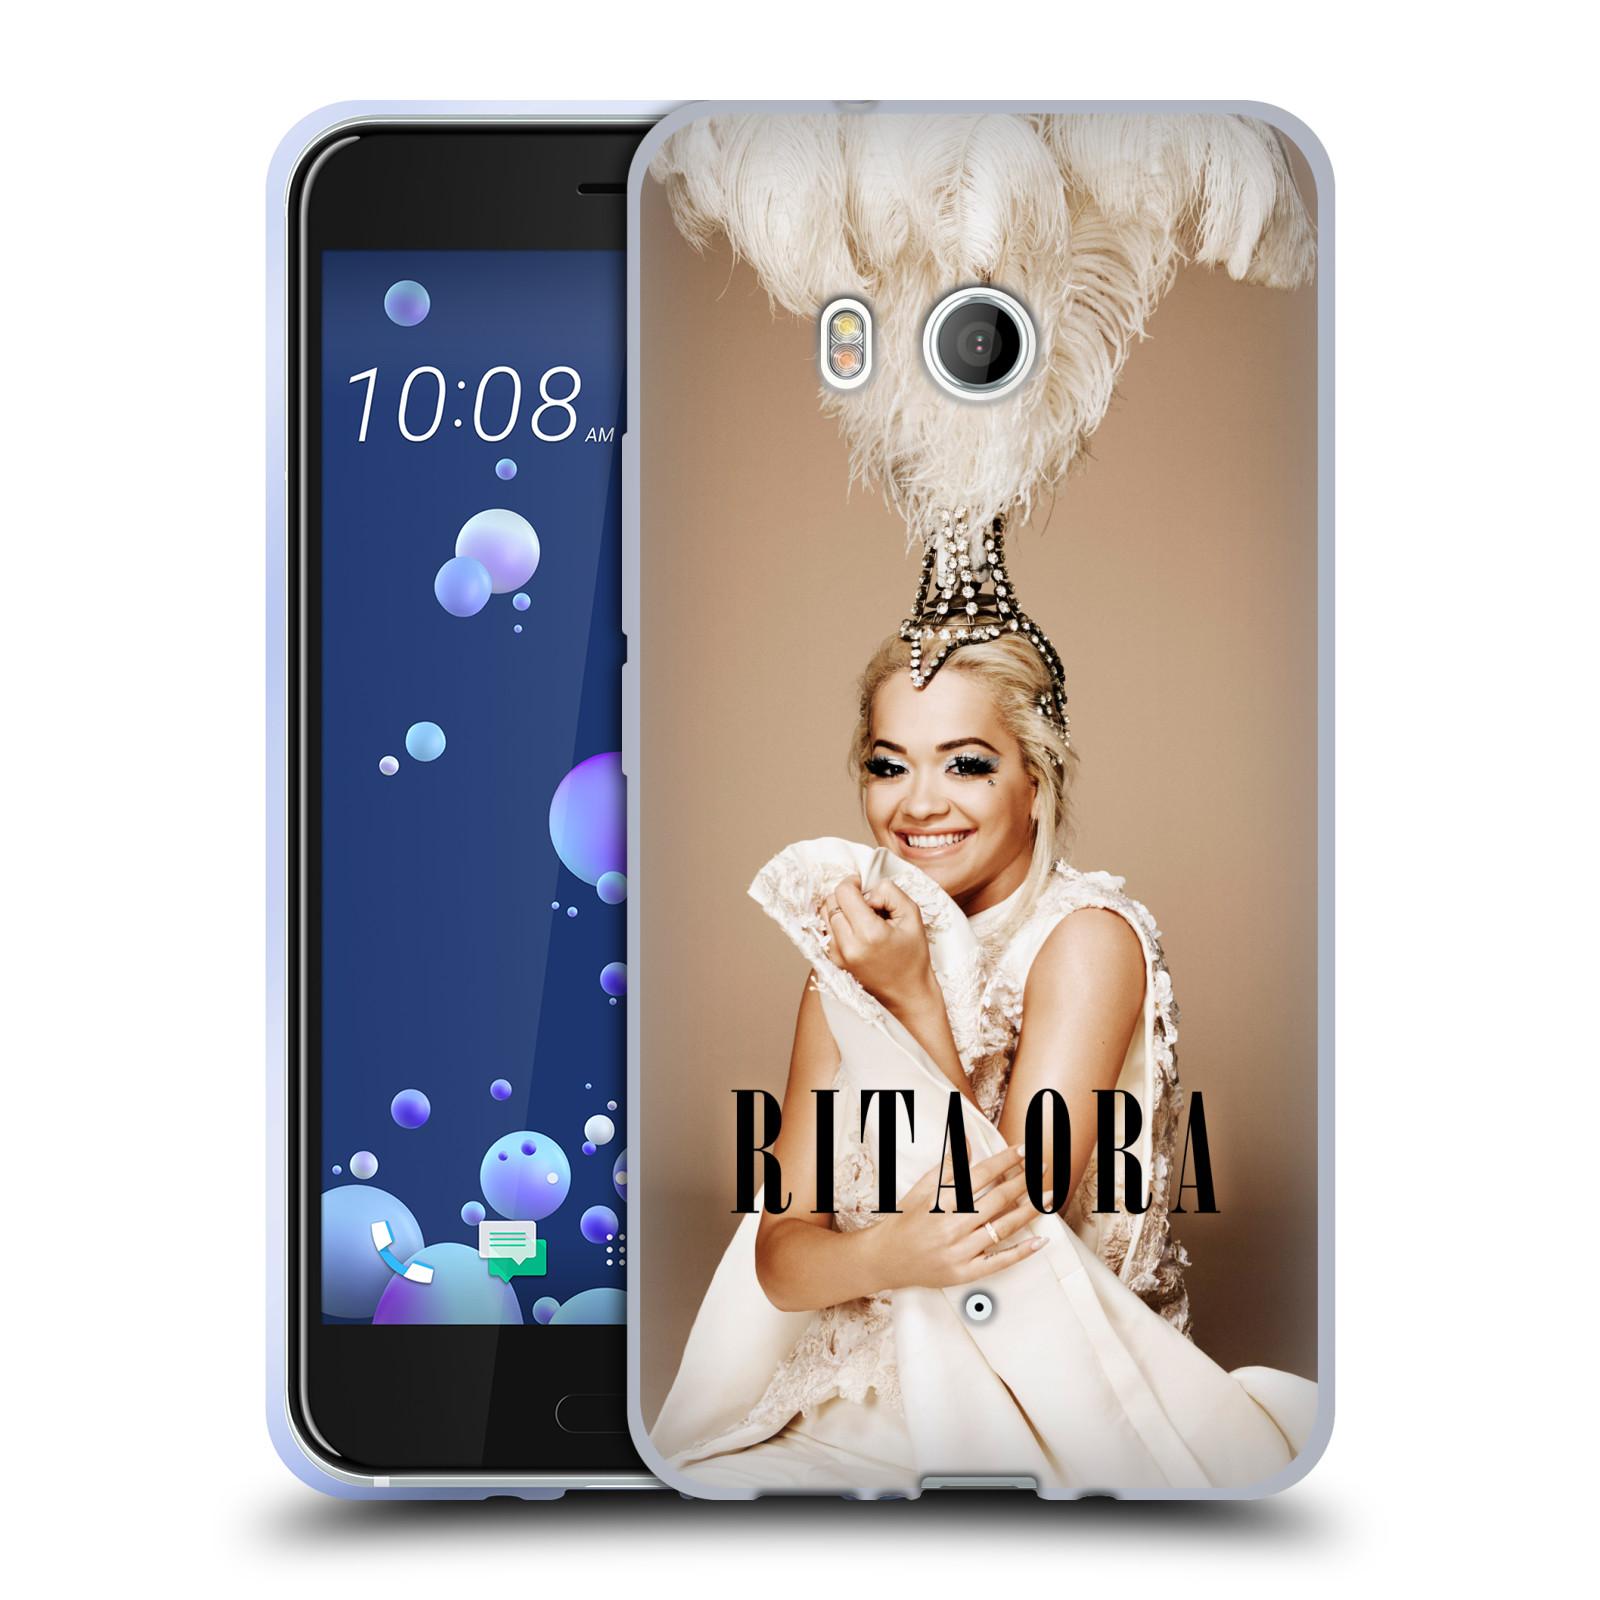 HEAD CASE silikonový obal na mobil HTC U11 / HTC U11 DUAL SIM zpěvačka Rita Ora peří